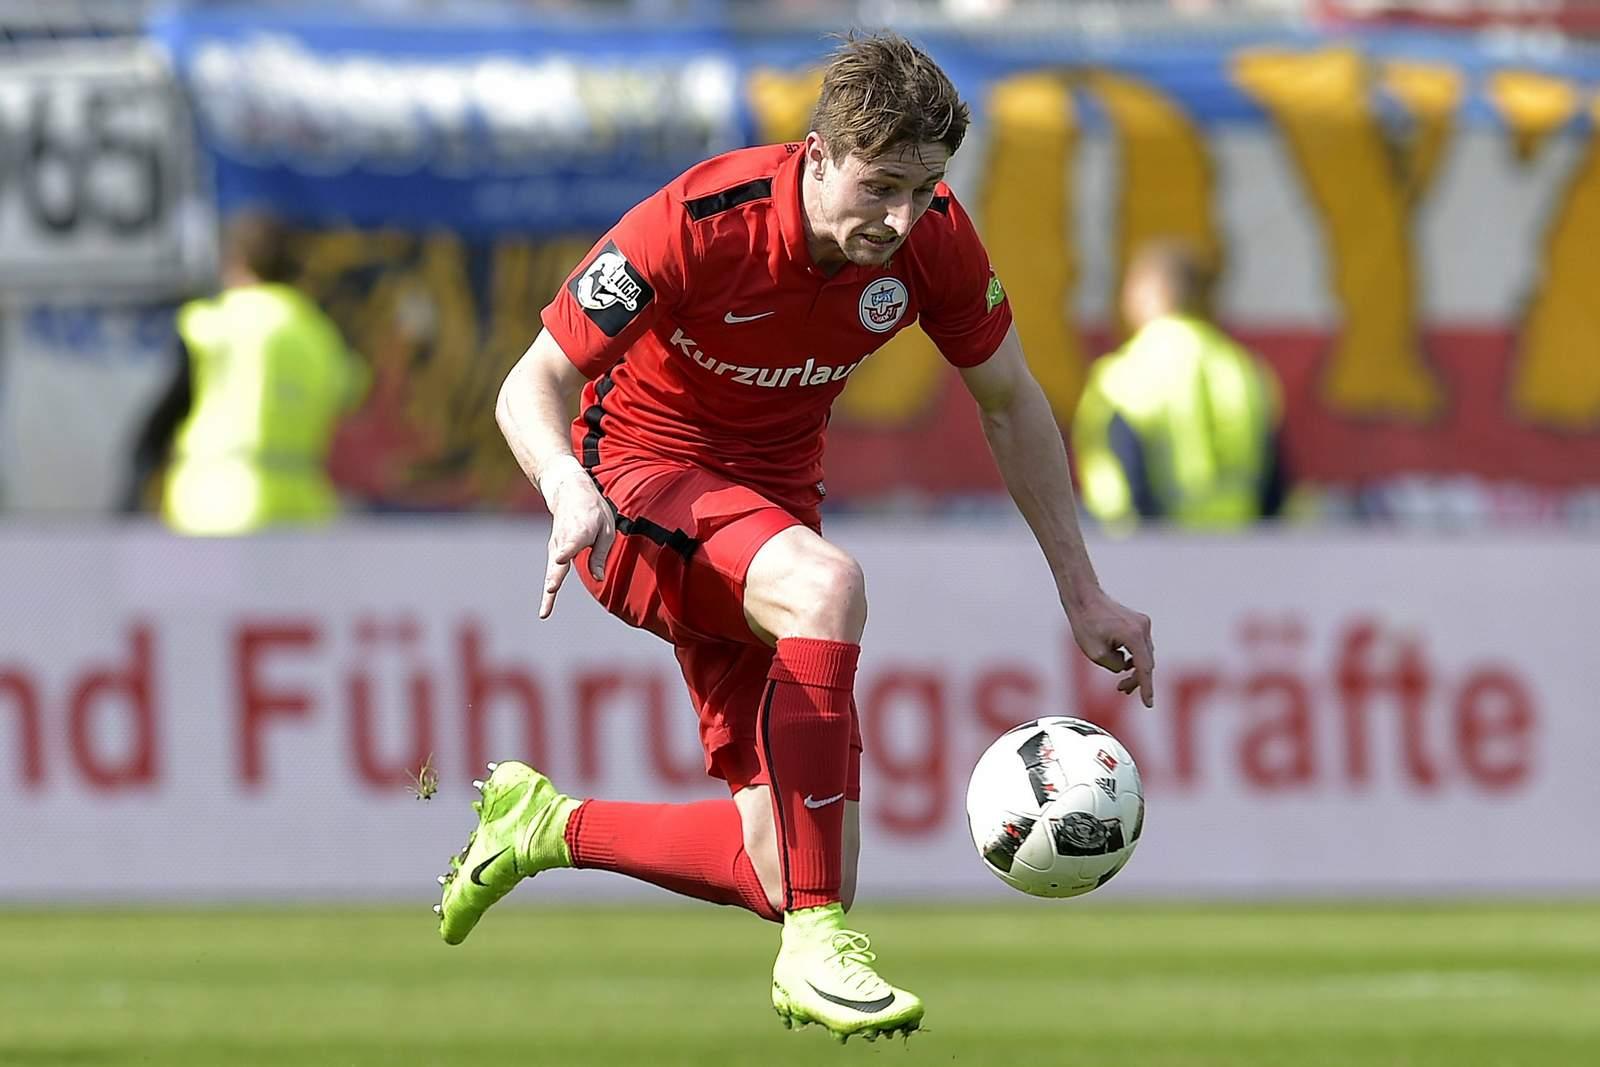 Stephan Andrist am Ball. Jetzt auf Werder Bremen II gegen Hansa Rostock wetten!